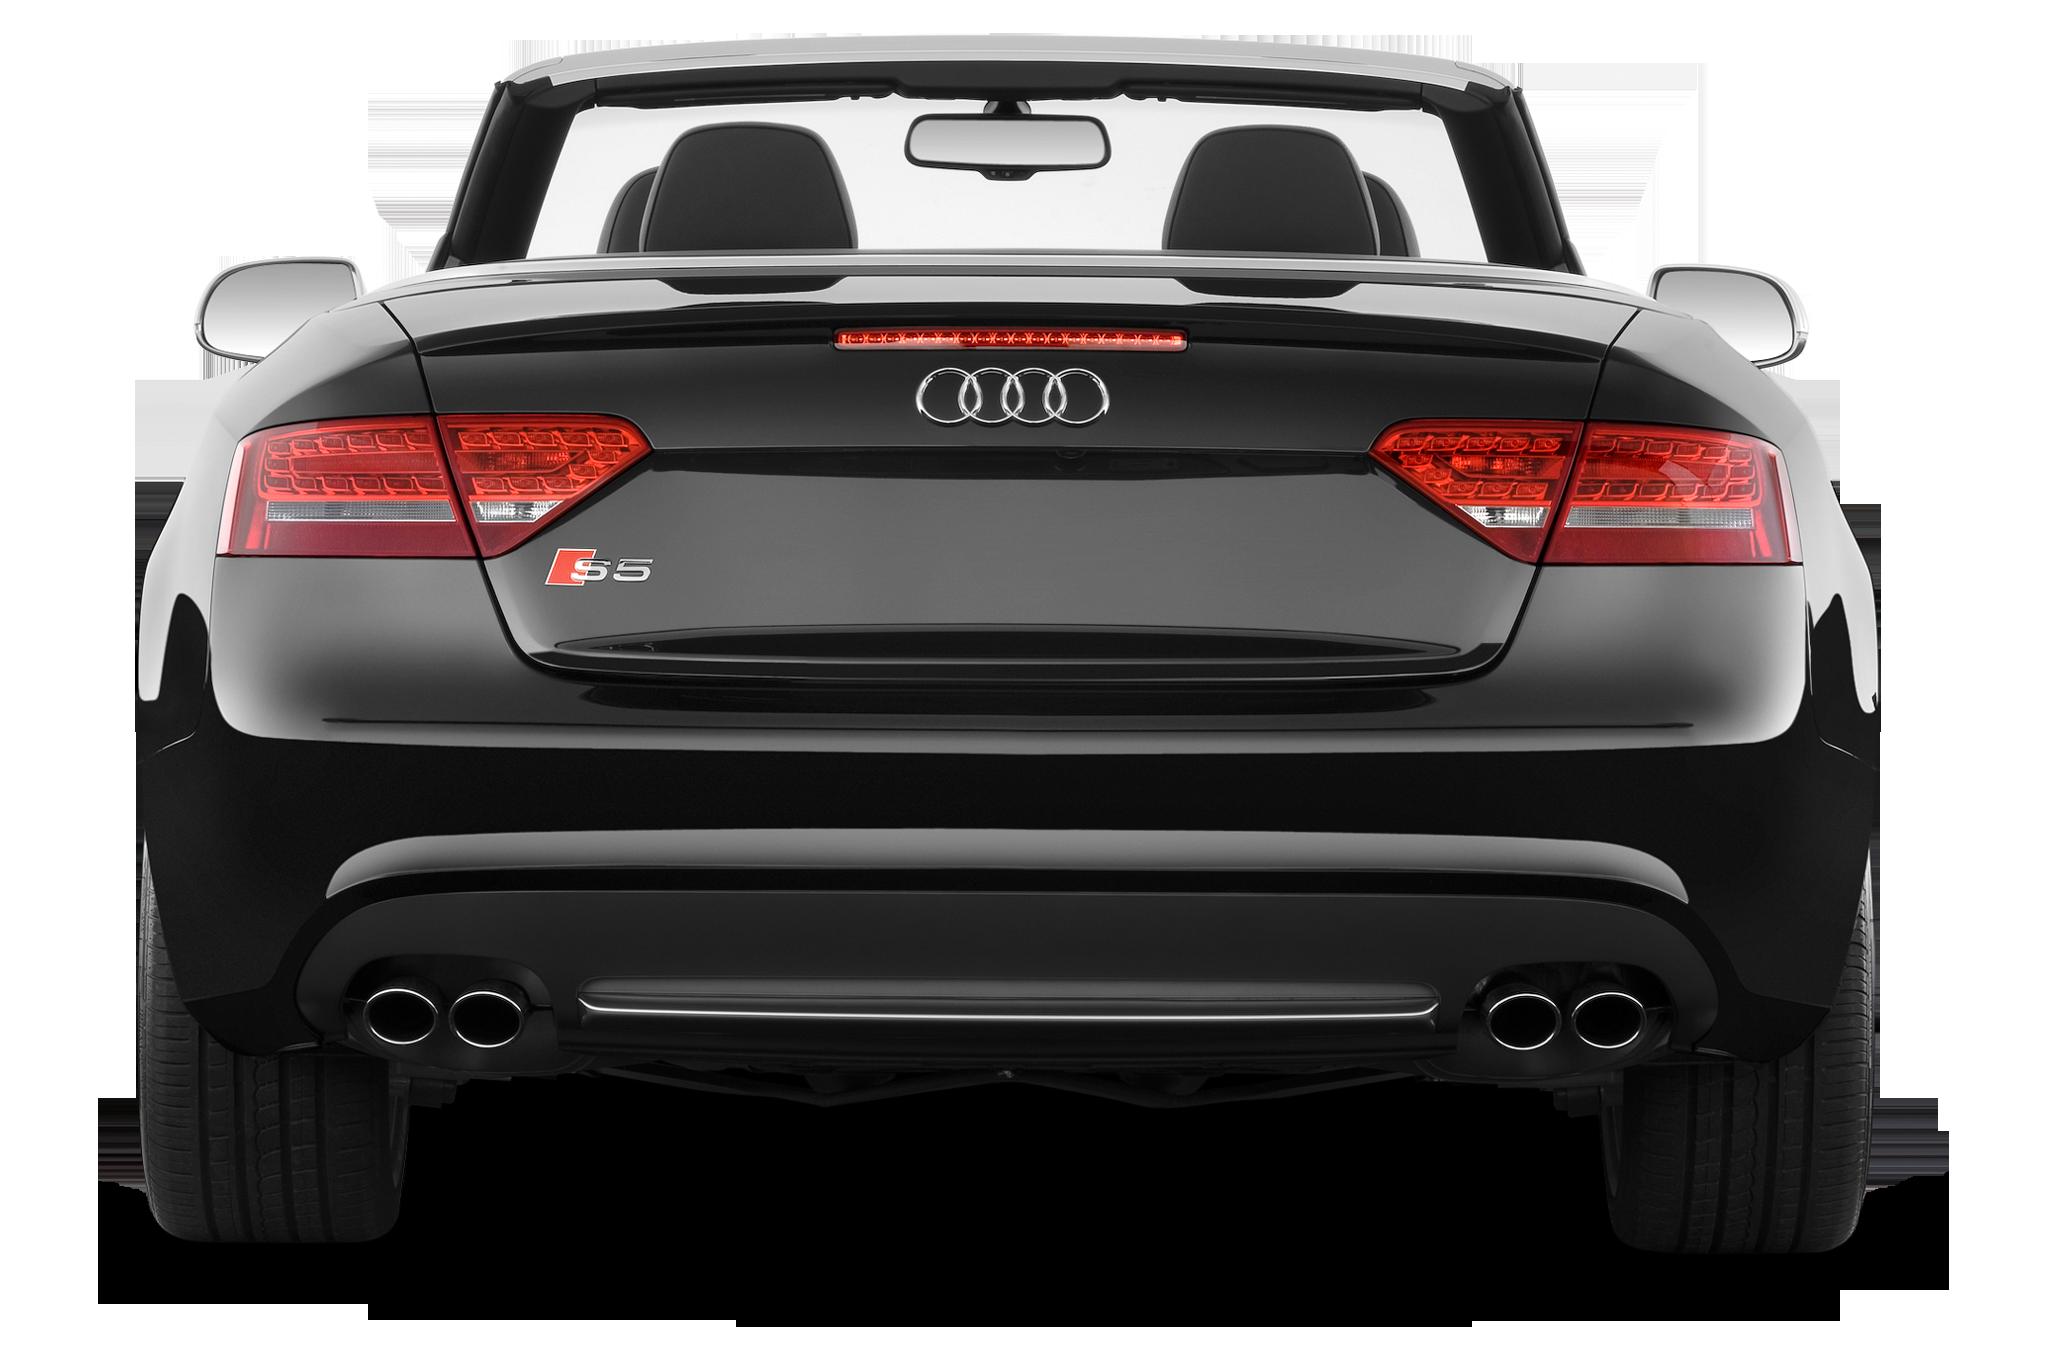 Audi RS 5 I 2010 - 2016 Cabriolet #2